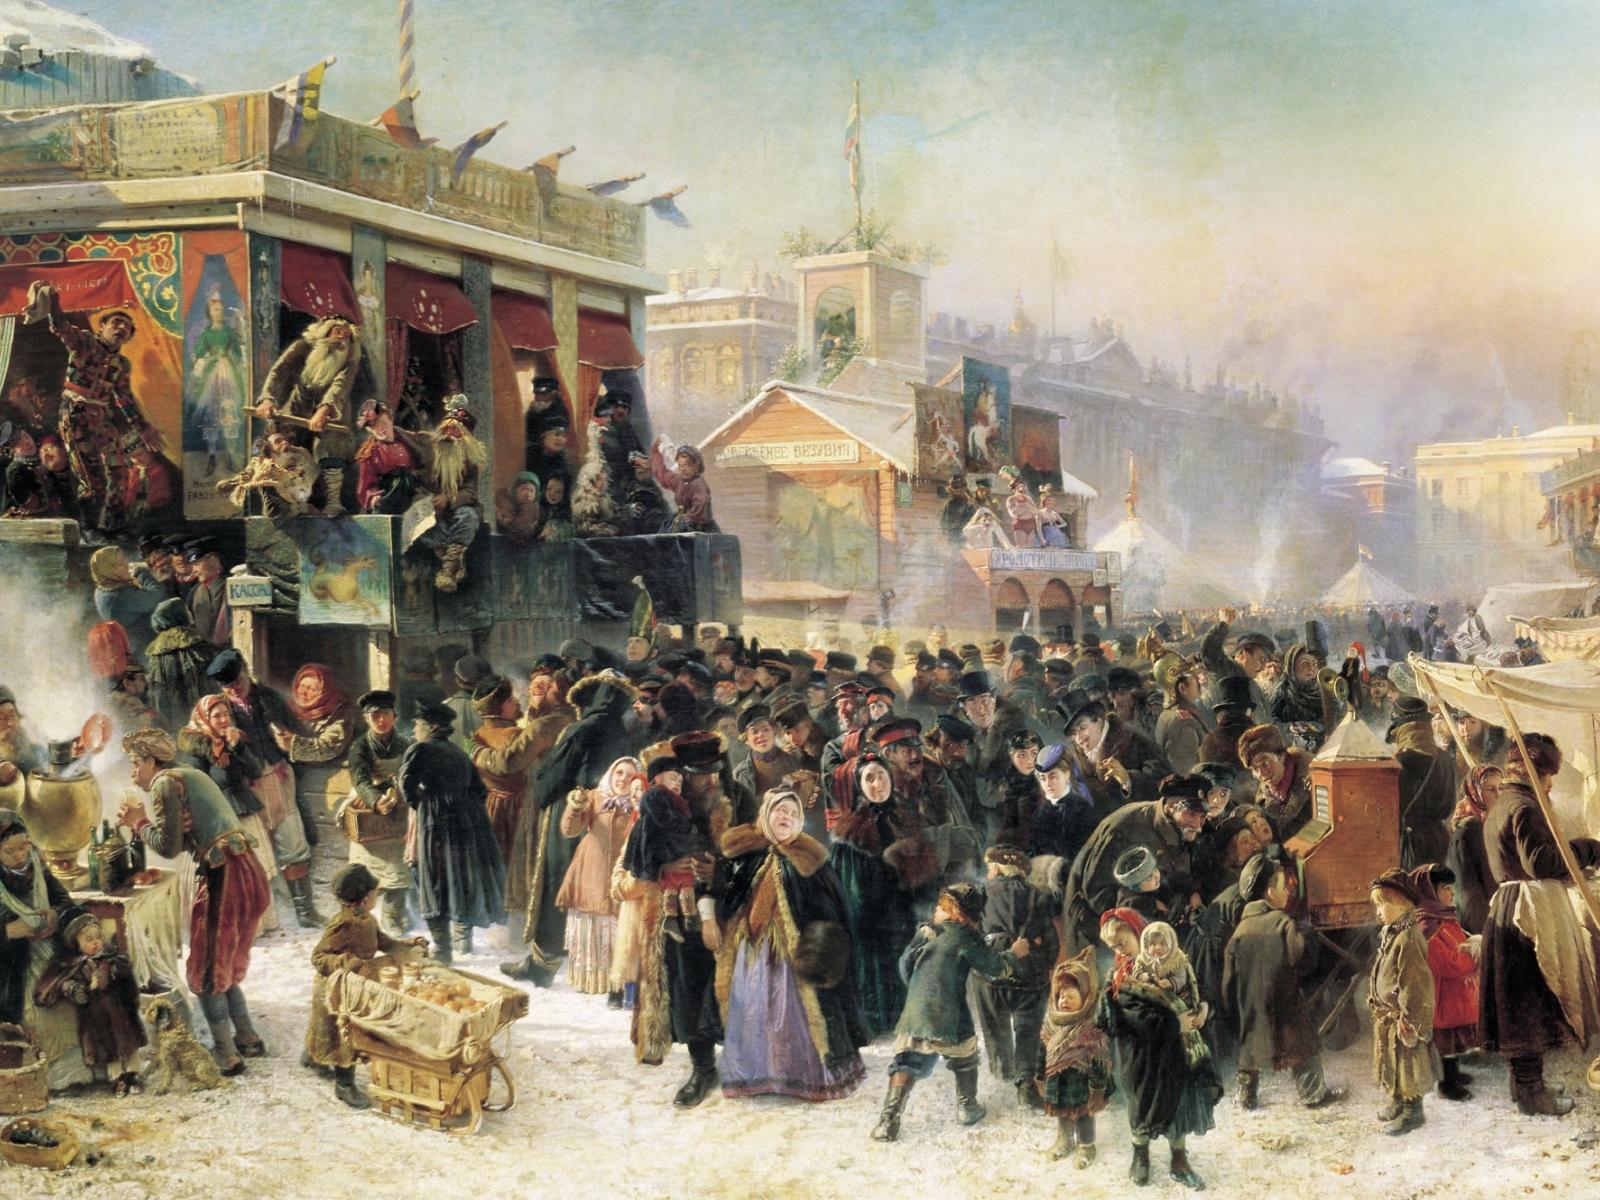 удовлетворительном картинки исторические праздники возвышающиеся над